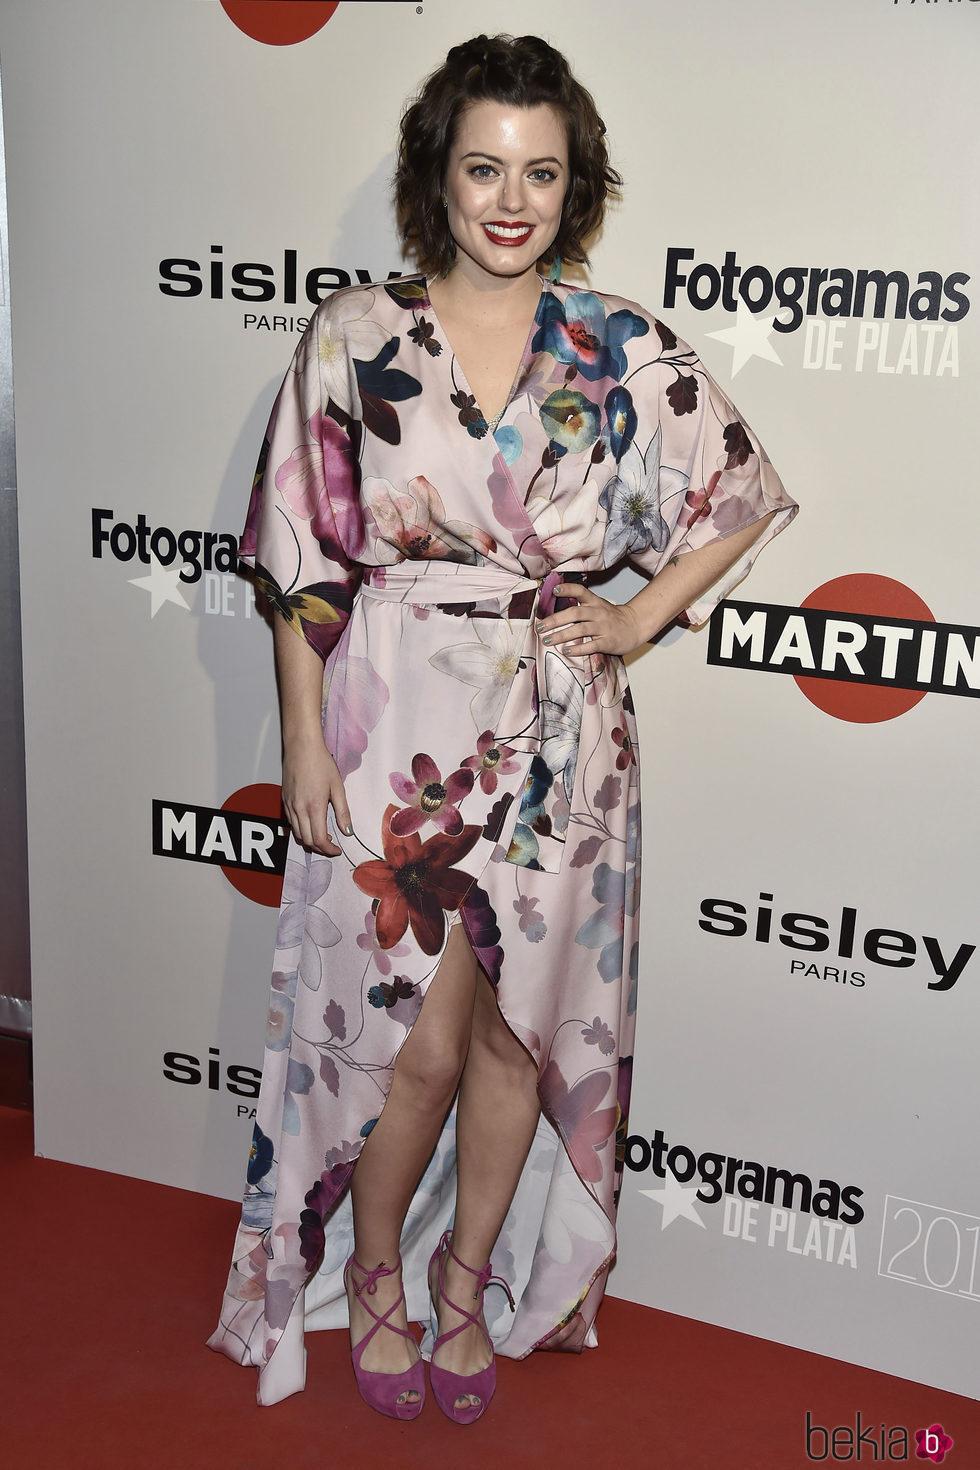 Adriana Torrebejano en la alfombra roja de los Premios Fotogramas de Plata 2016